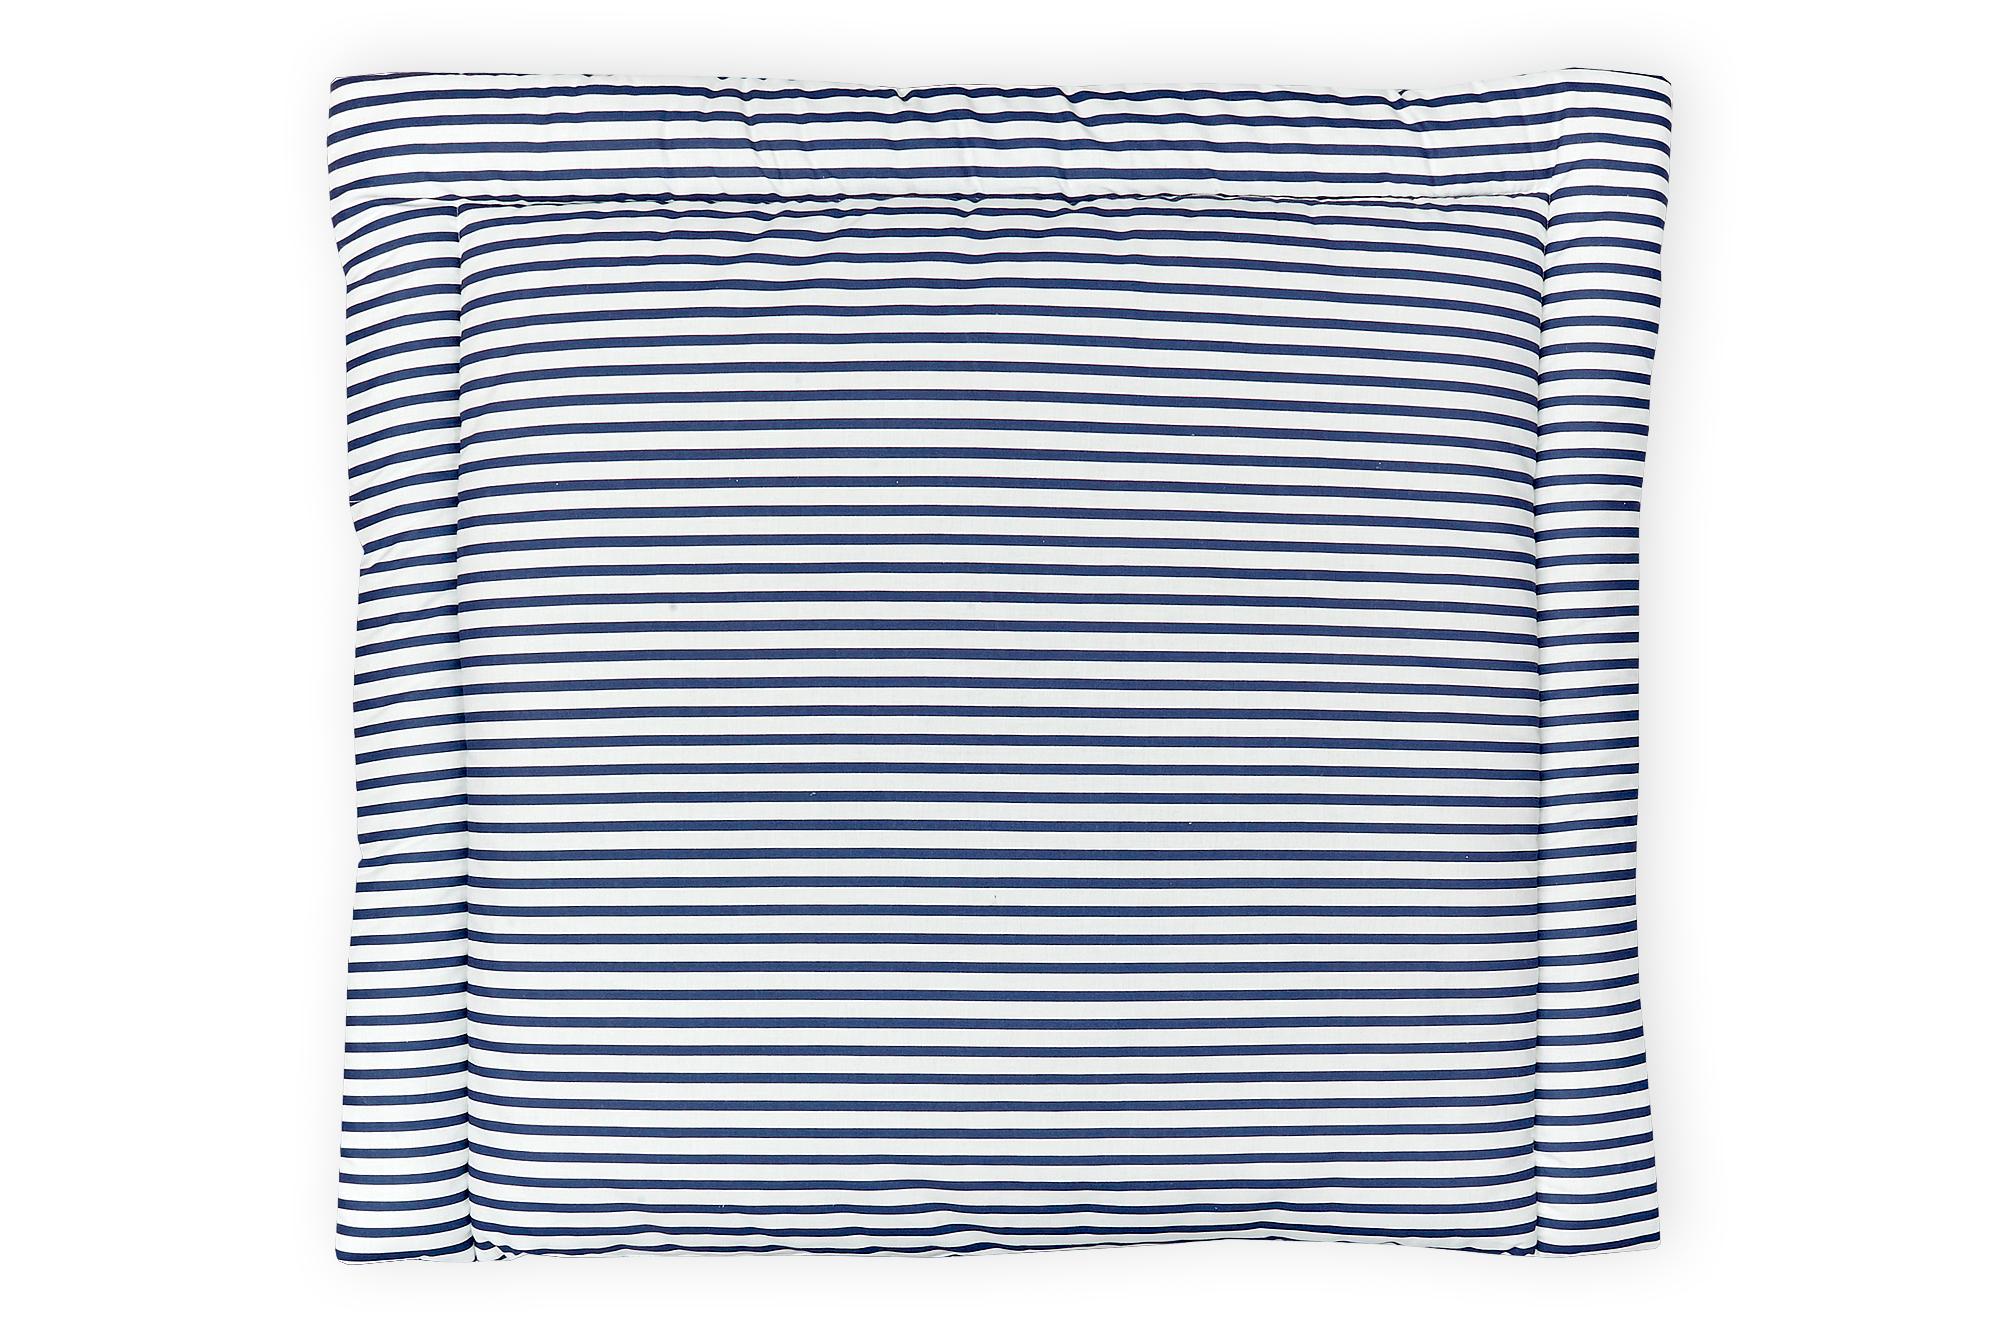 kraftkids wickelauflage streifen dunkelblau breit 60 x tief 70 cm passend f r waschmaschinen. Black Bedroom Furniture Sets. Home Design Ideas